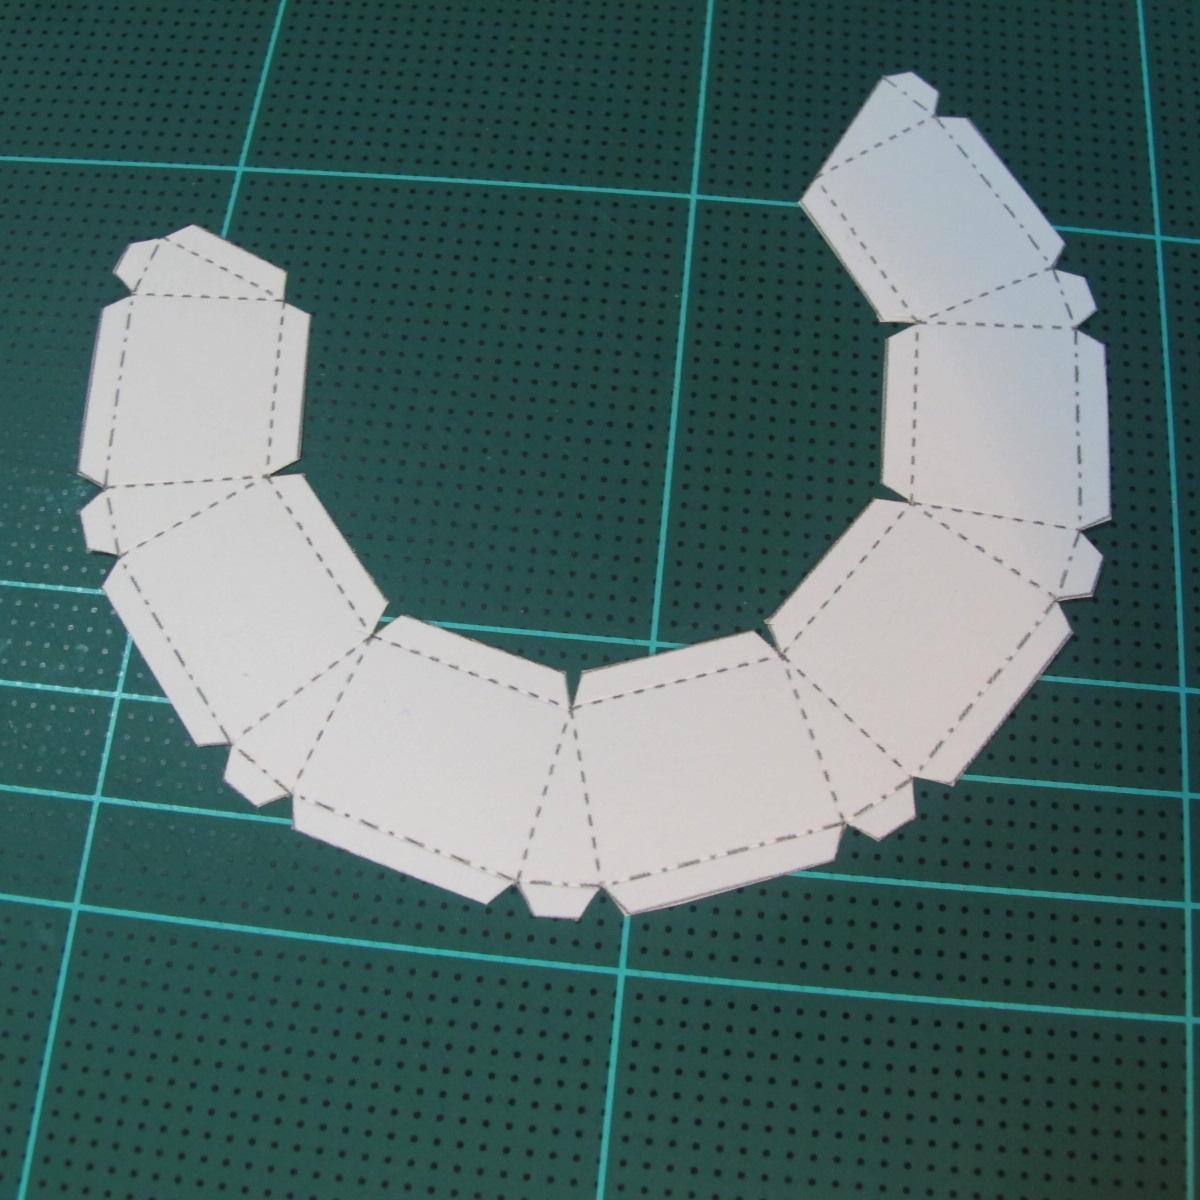 วิธีทำของเล่นโมเดลกระดาษรูปพระอาทิตย์ยิ้ม (Smiling Sun Paper Craft Model) 005